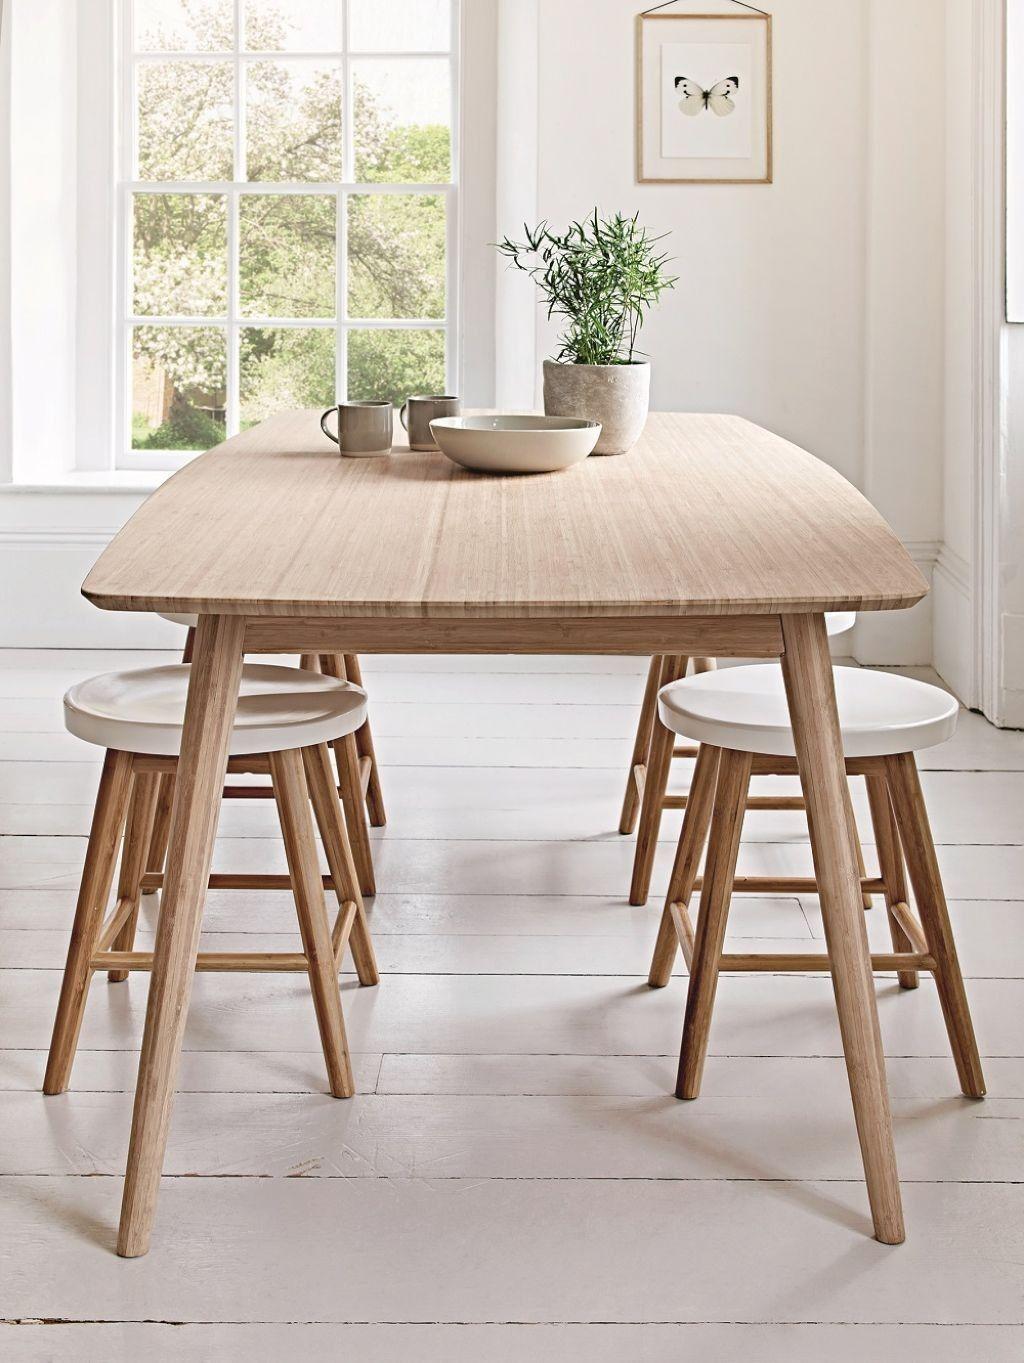 37 Wonderful Scandinavian Dining Furniture Desing Ideasamazing Scandinavian Dining Furniture Design Ideas Dining Room Furniture Sets Warm Dining Room Scandinavian Table